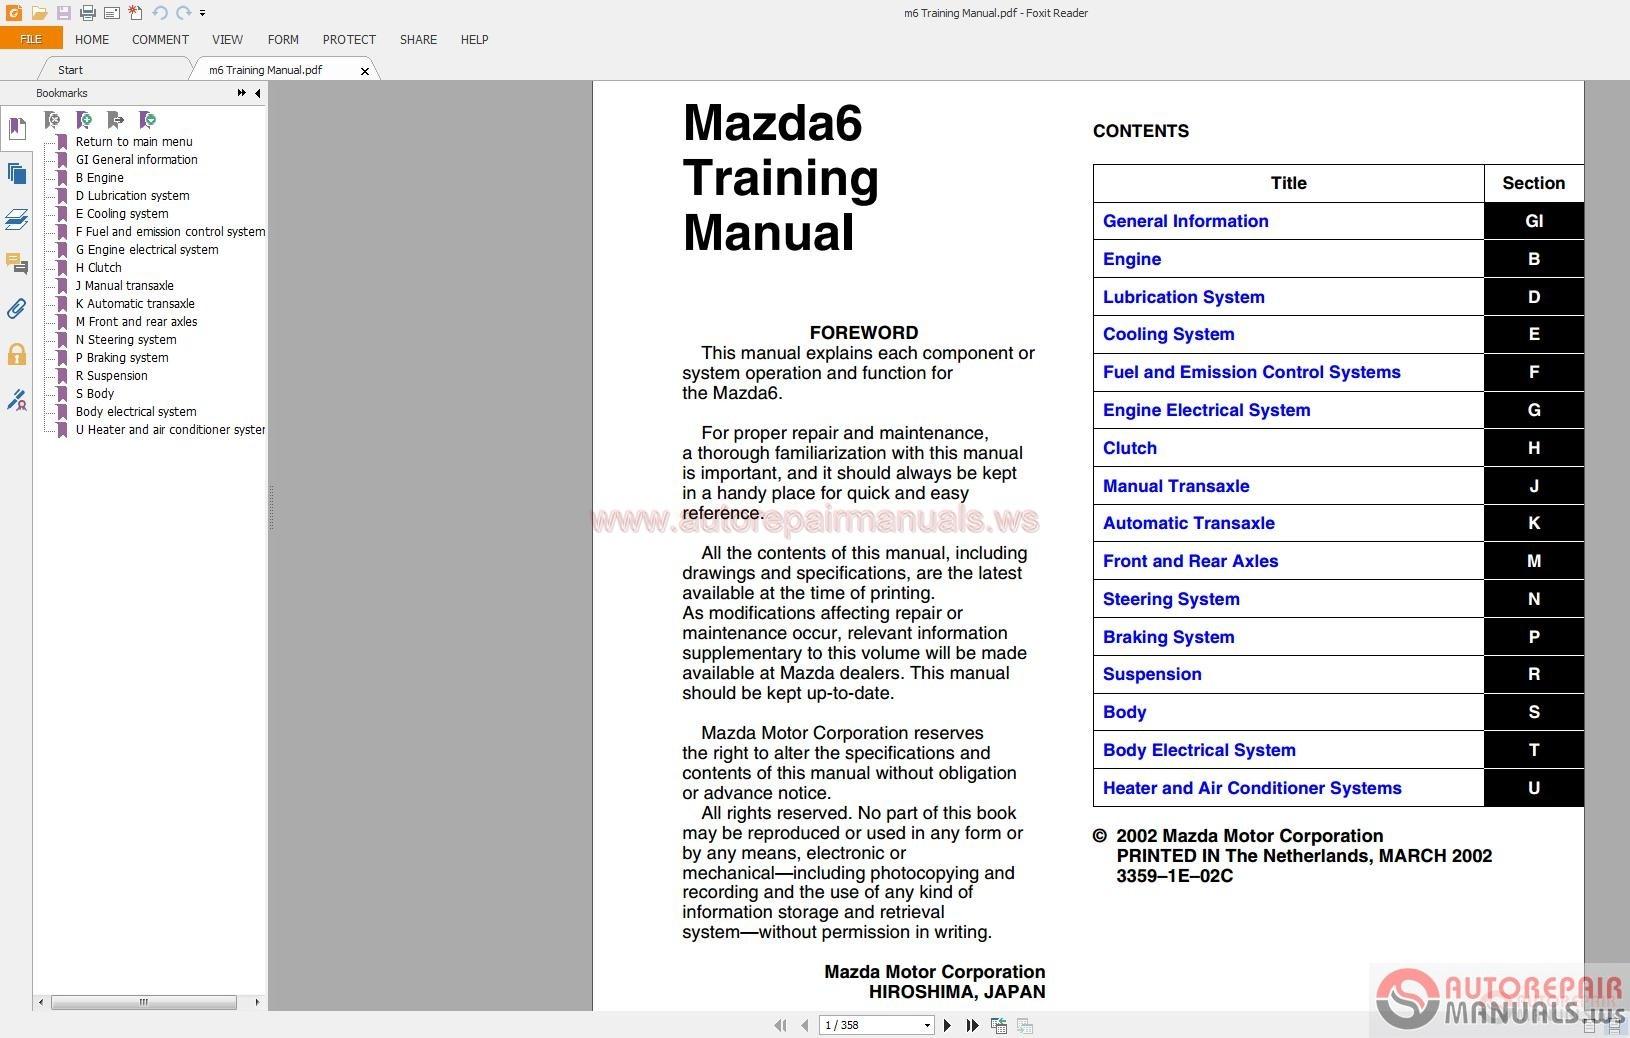 mazda6 gg gy gg1 2002 2007 service manuals auto repair